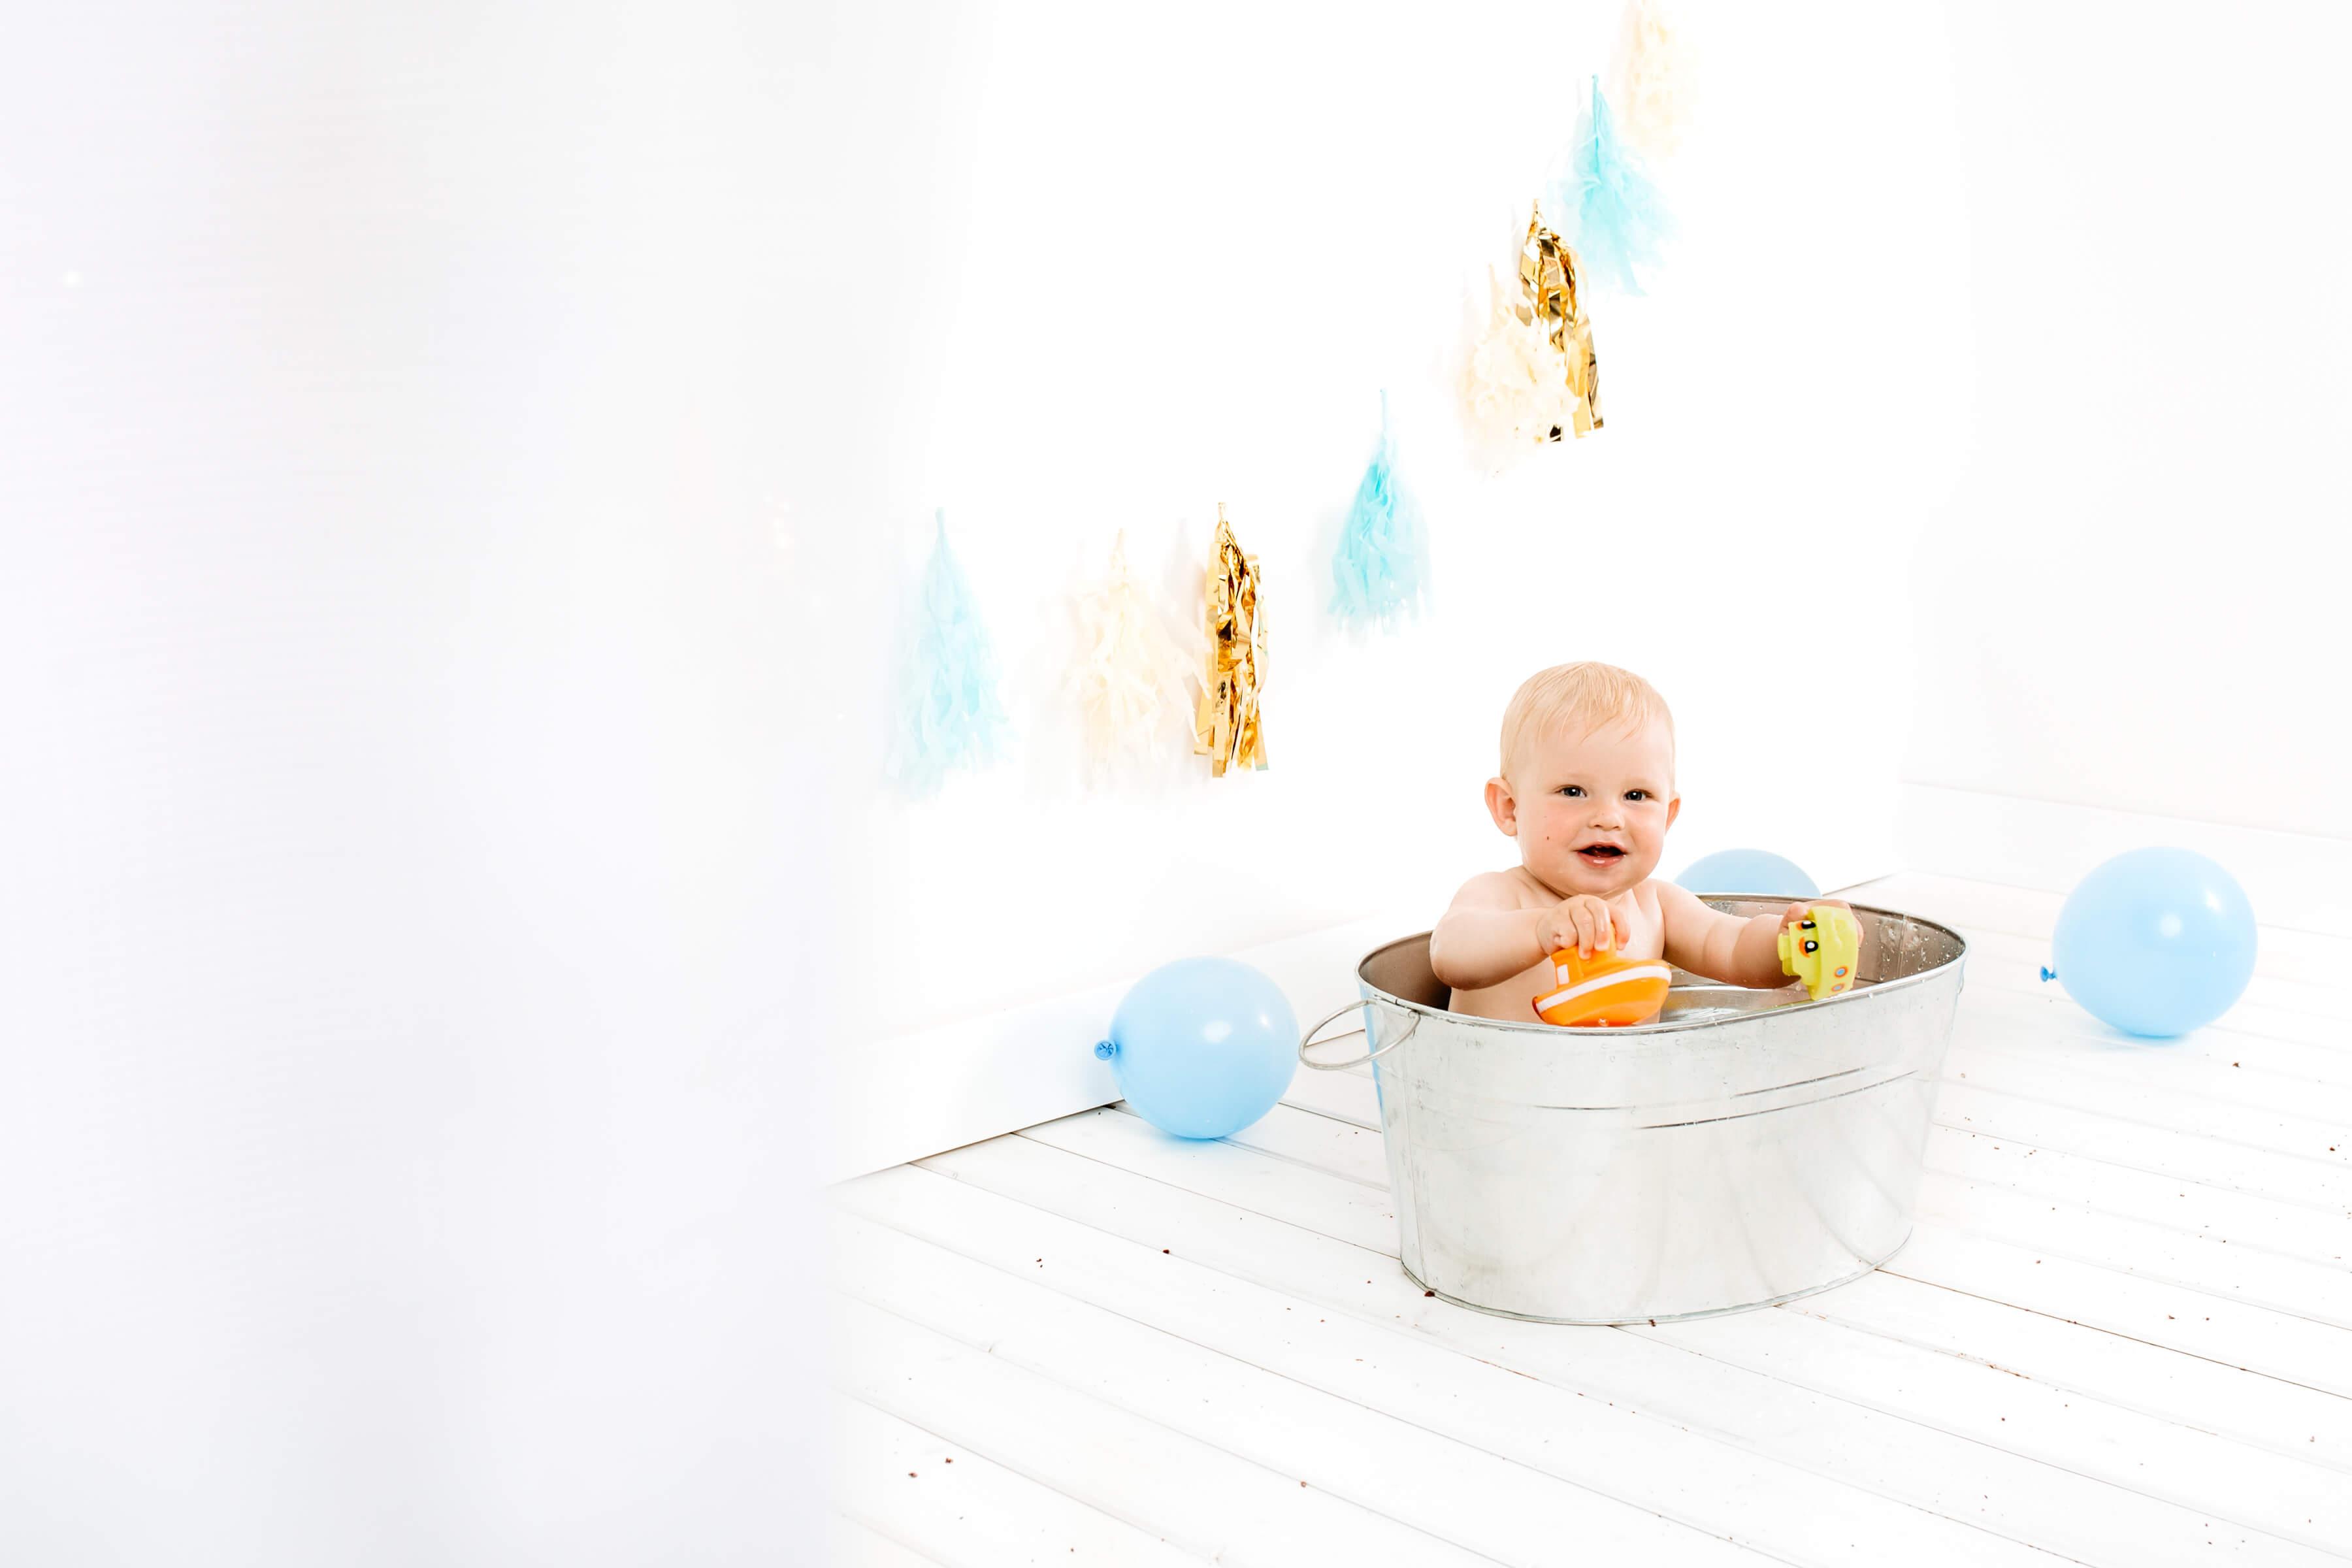 Cake-smash-fotografiranje-Luanina-pravljica-fotografiranje-nosecnic-novorojenckov-druzin-malckov-3